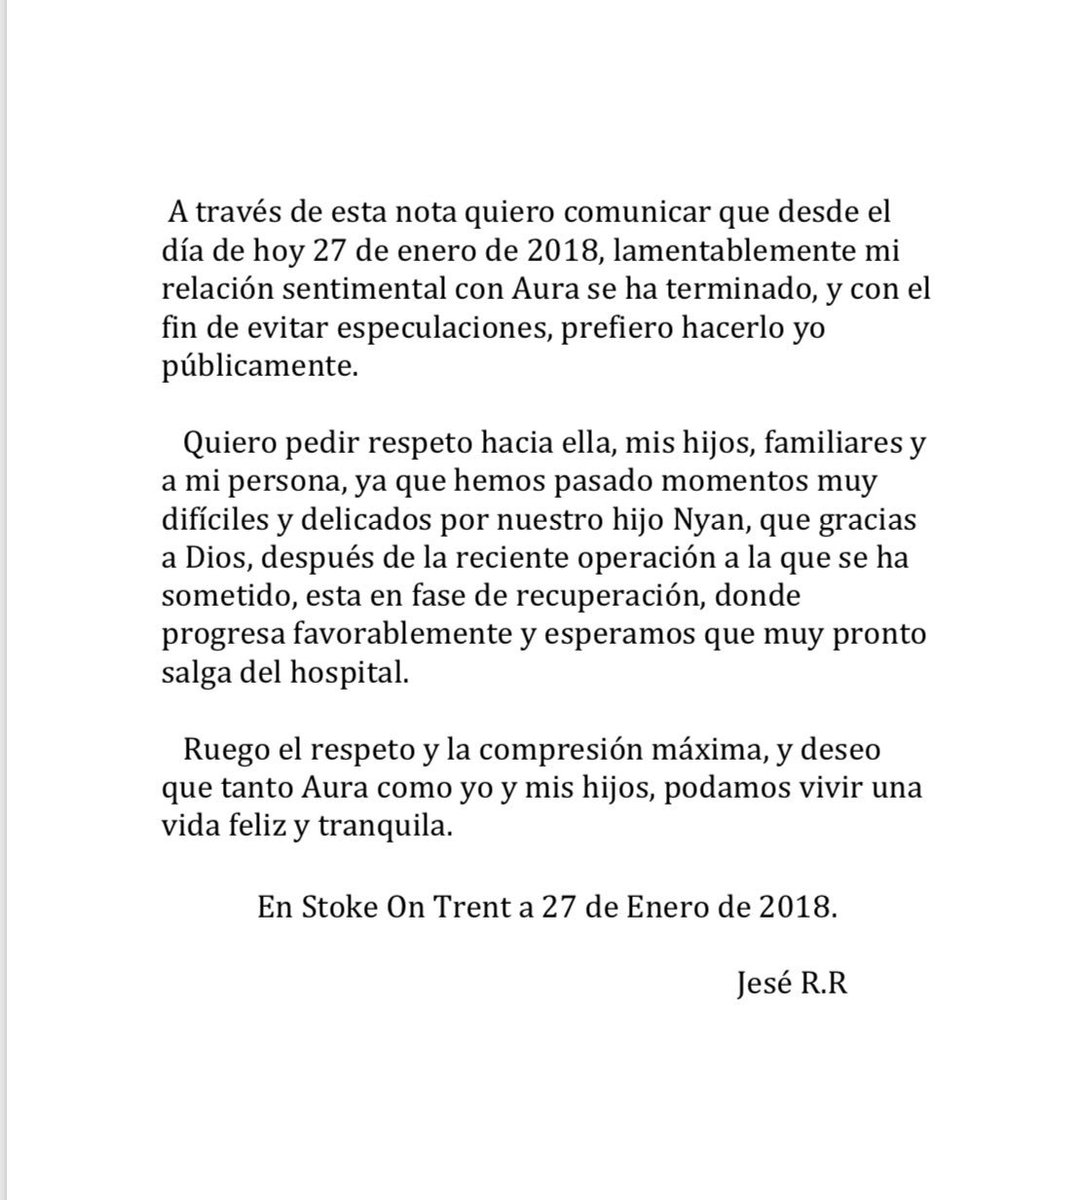 JeseRodriguez10 (@JeseRodriguez10) on Twitter photo 2018-01-27 21:47:53